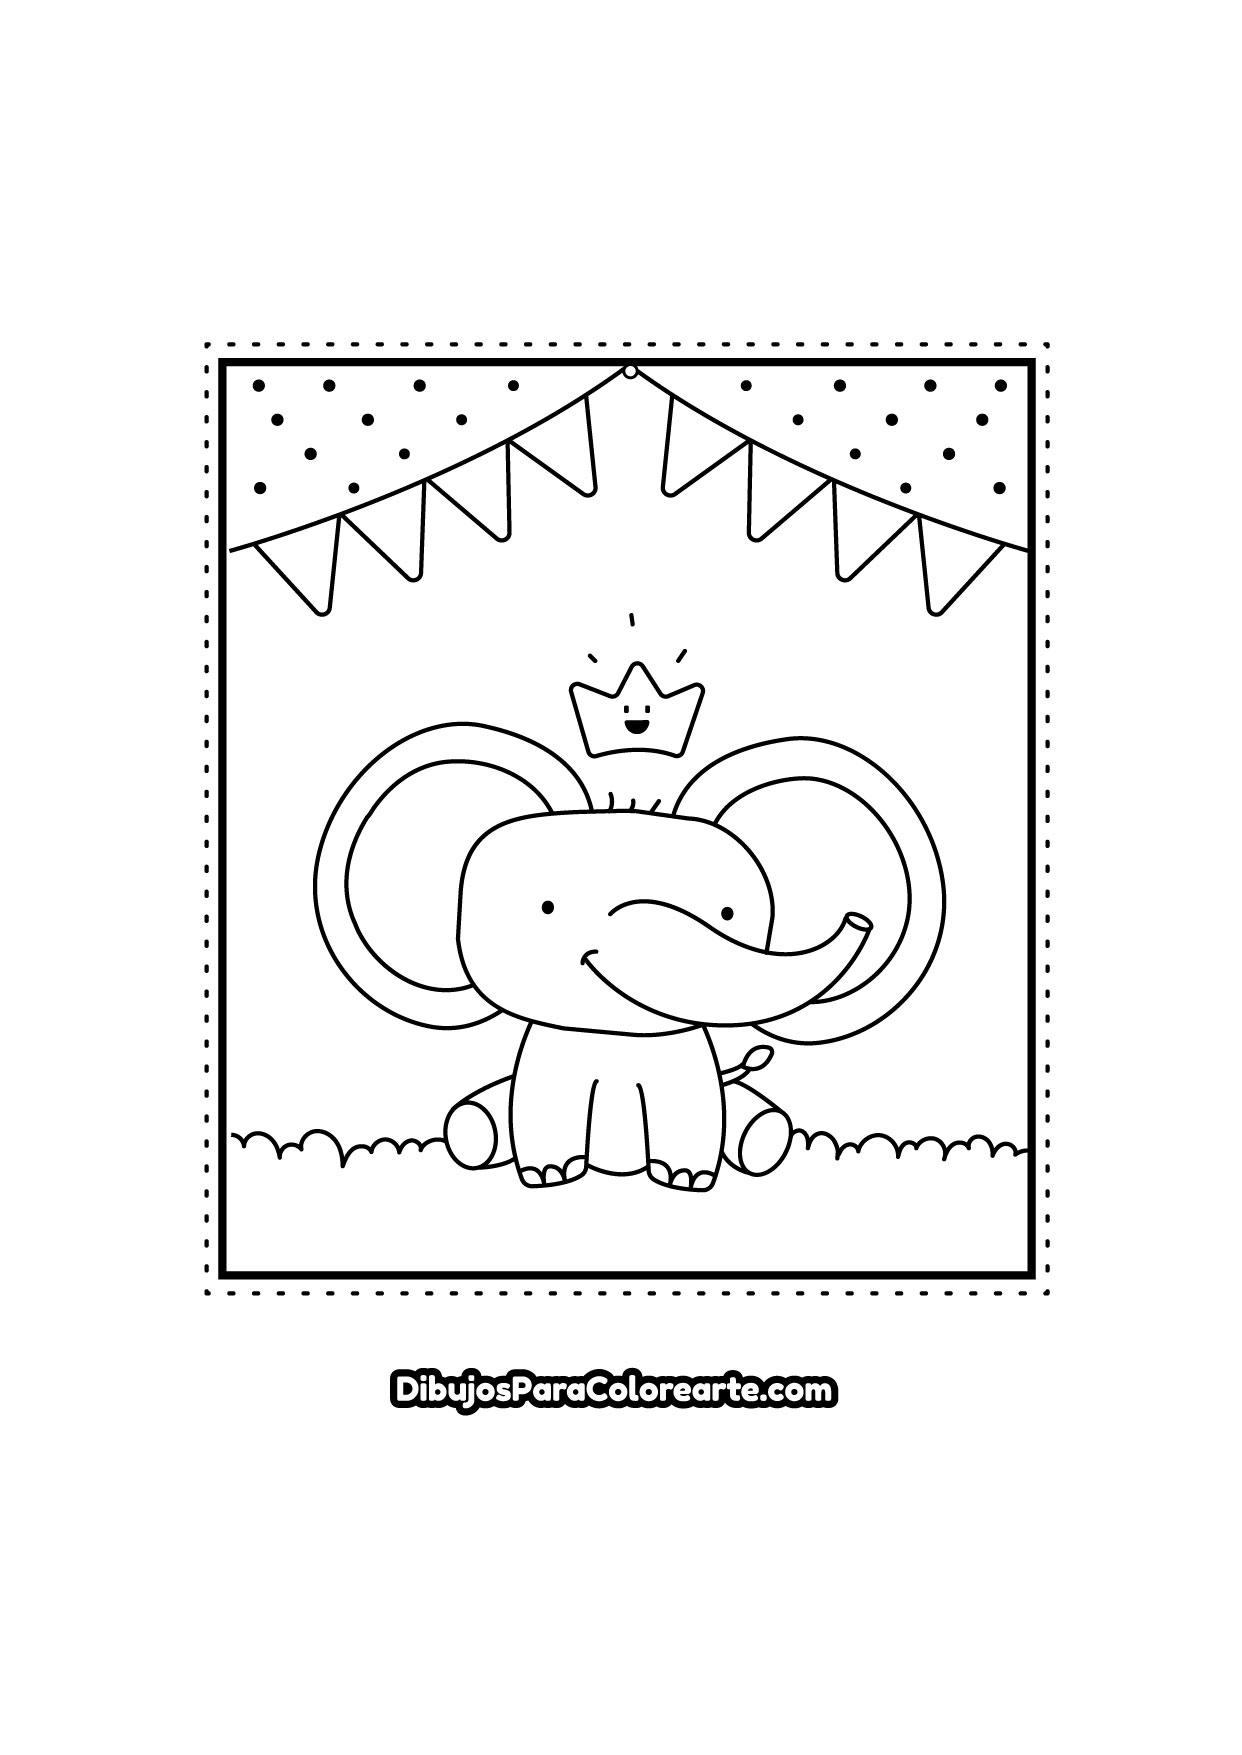 Dibujos Para Colorear Elefante